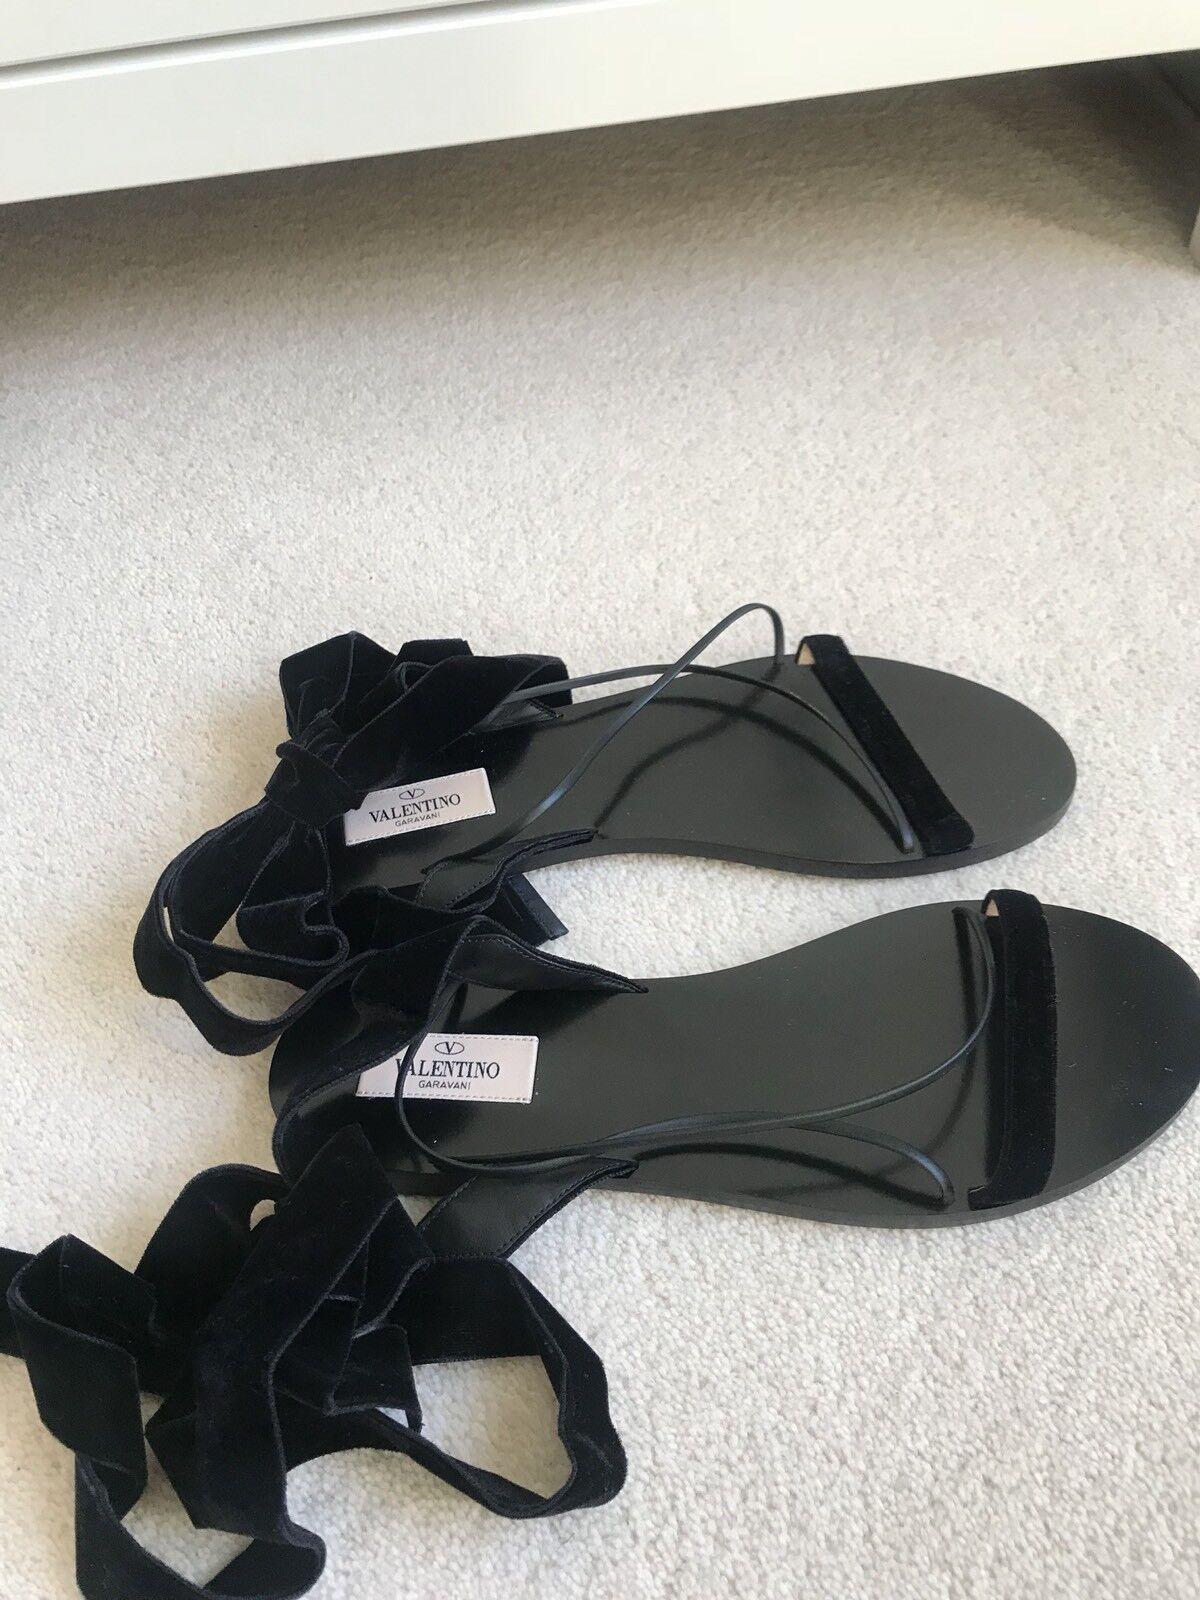 Valentino black velvet flat sandals UK 5  Euro 38